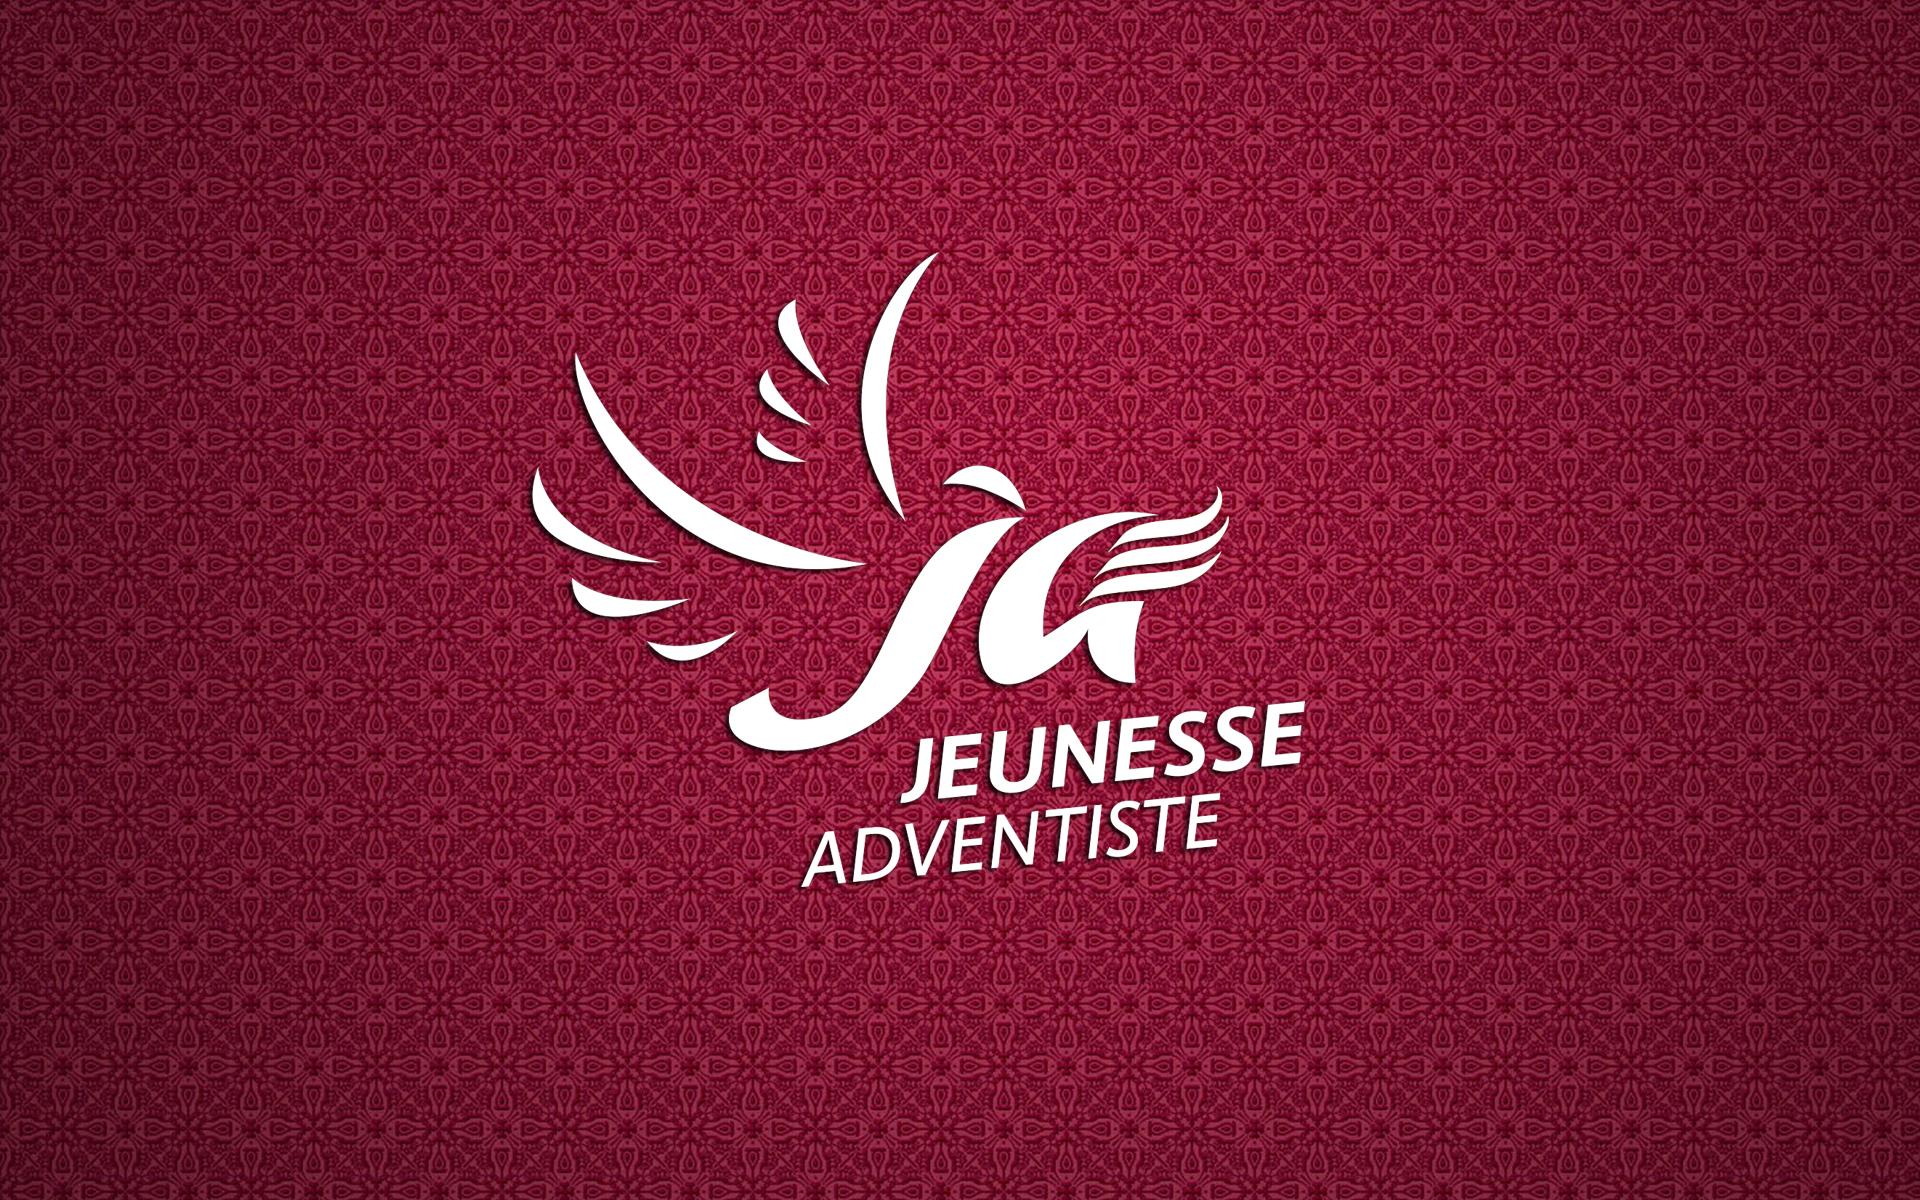 Assemblée Générale Jeunesse Adventiste @ Église Woluwe | Hyères | Provence-Alpes-Côte d'Azur | Frankrijk